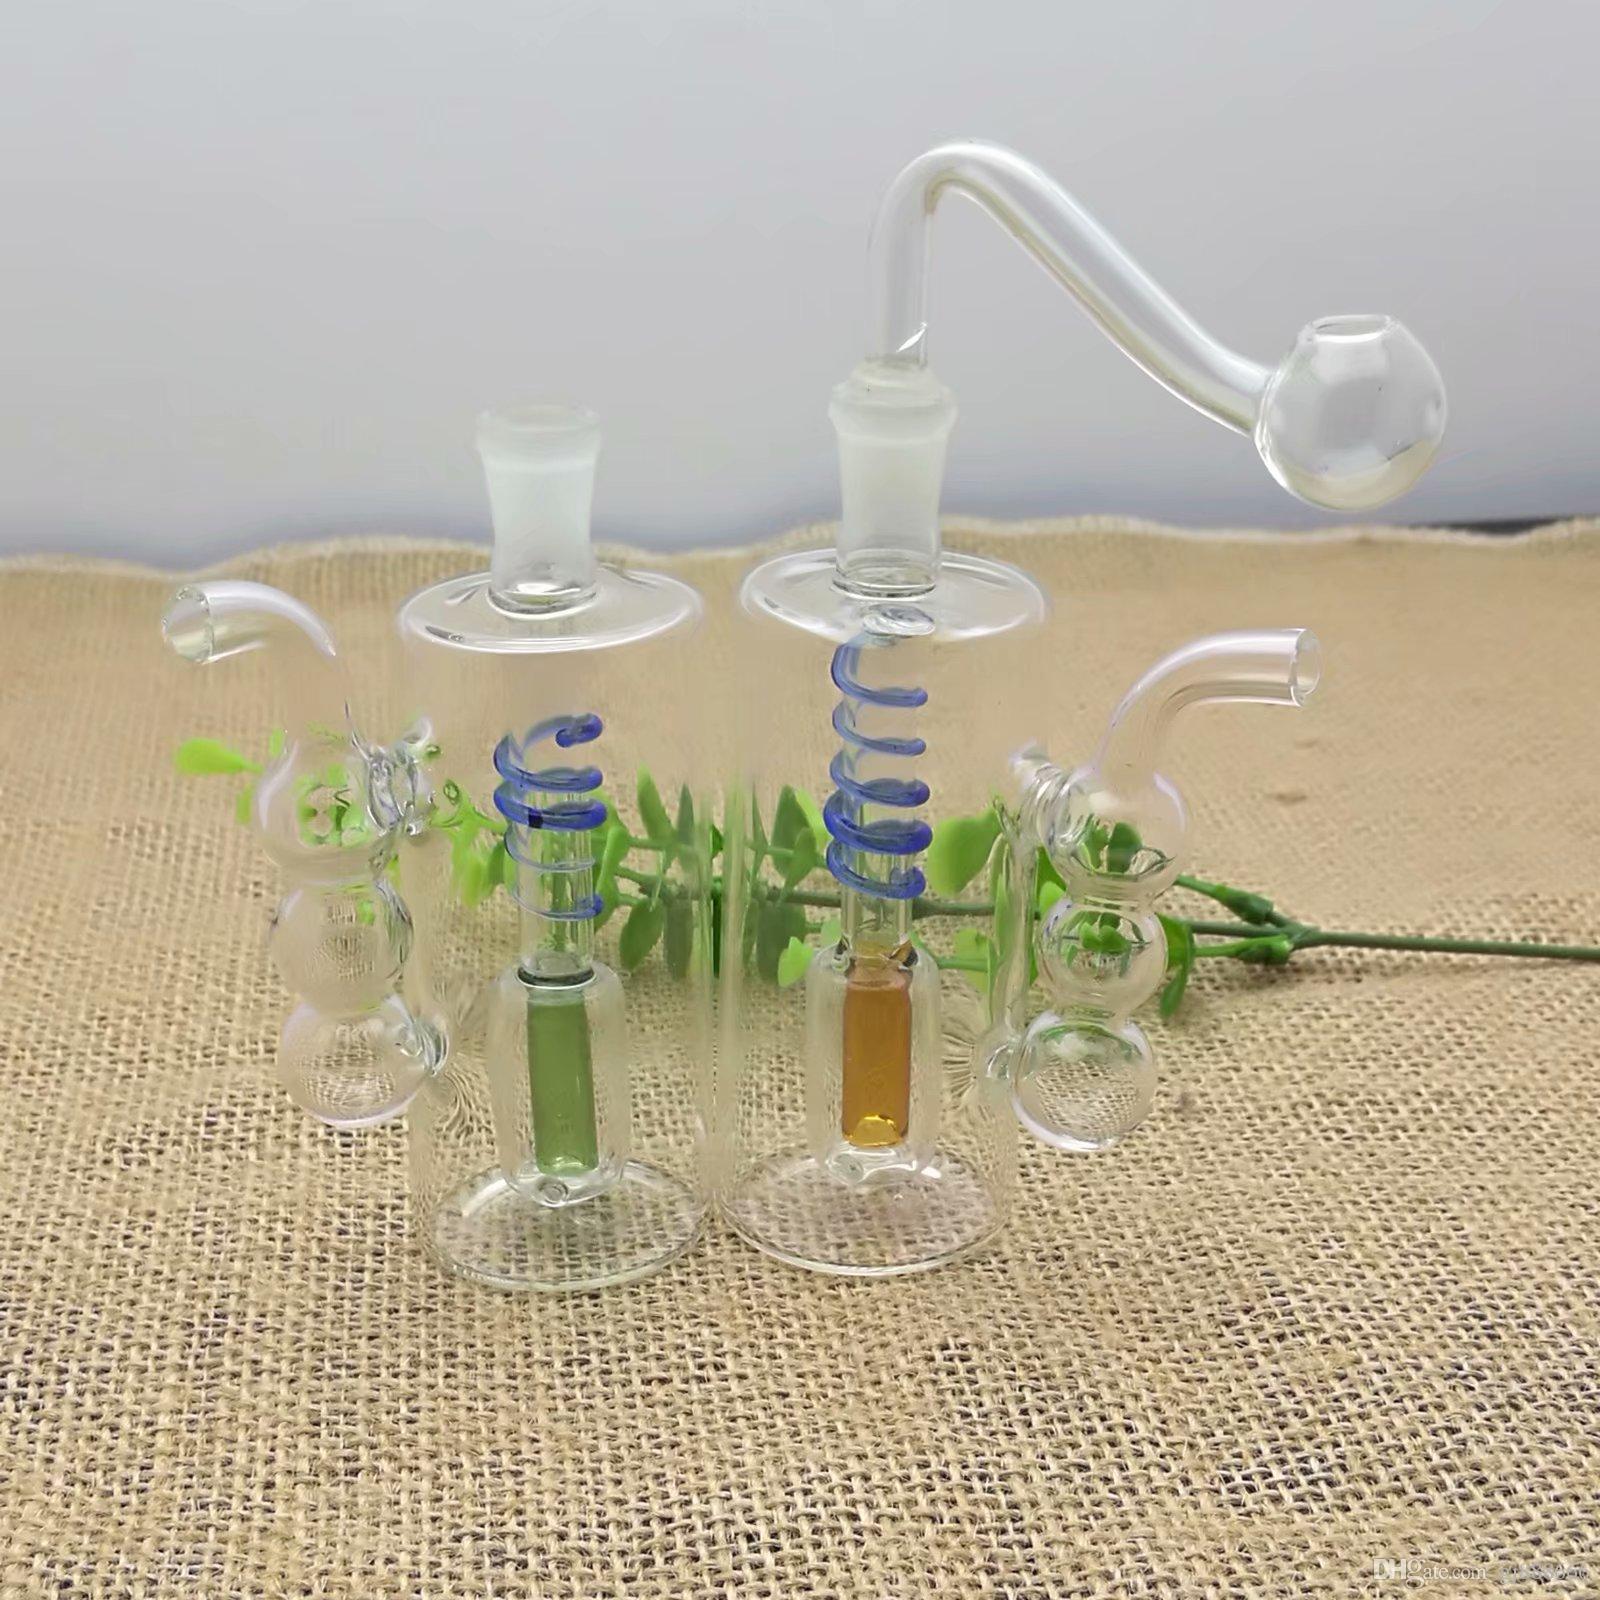 Venta al por mayor de botella de vaso de agua y botella de agua.